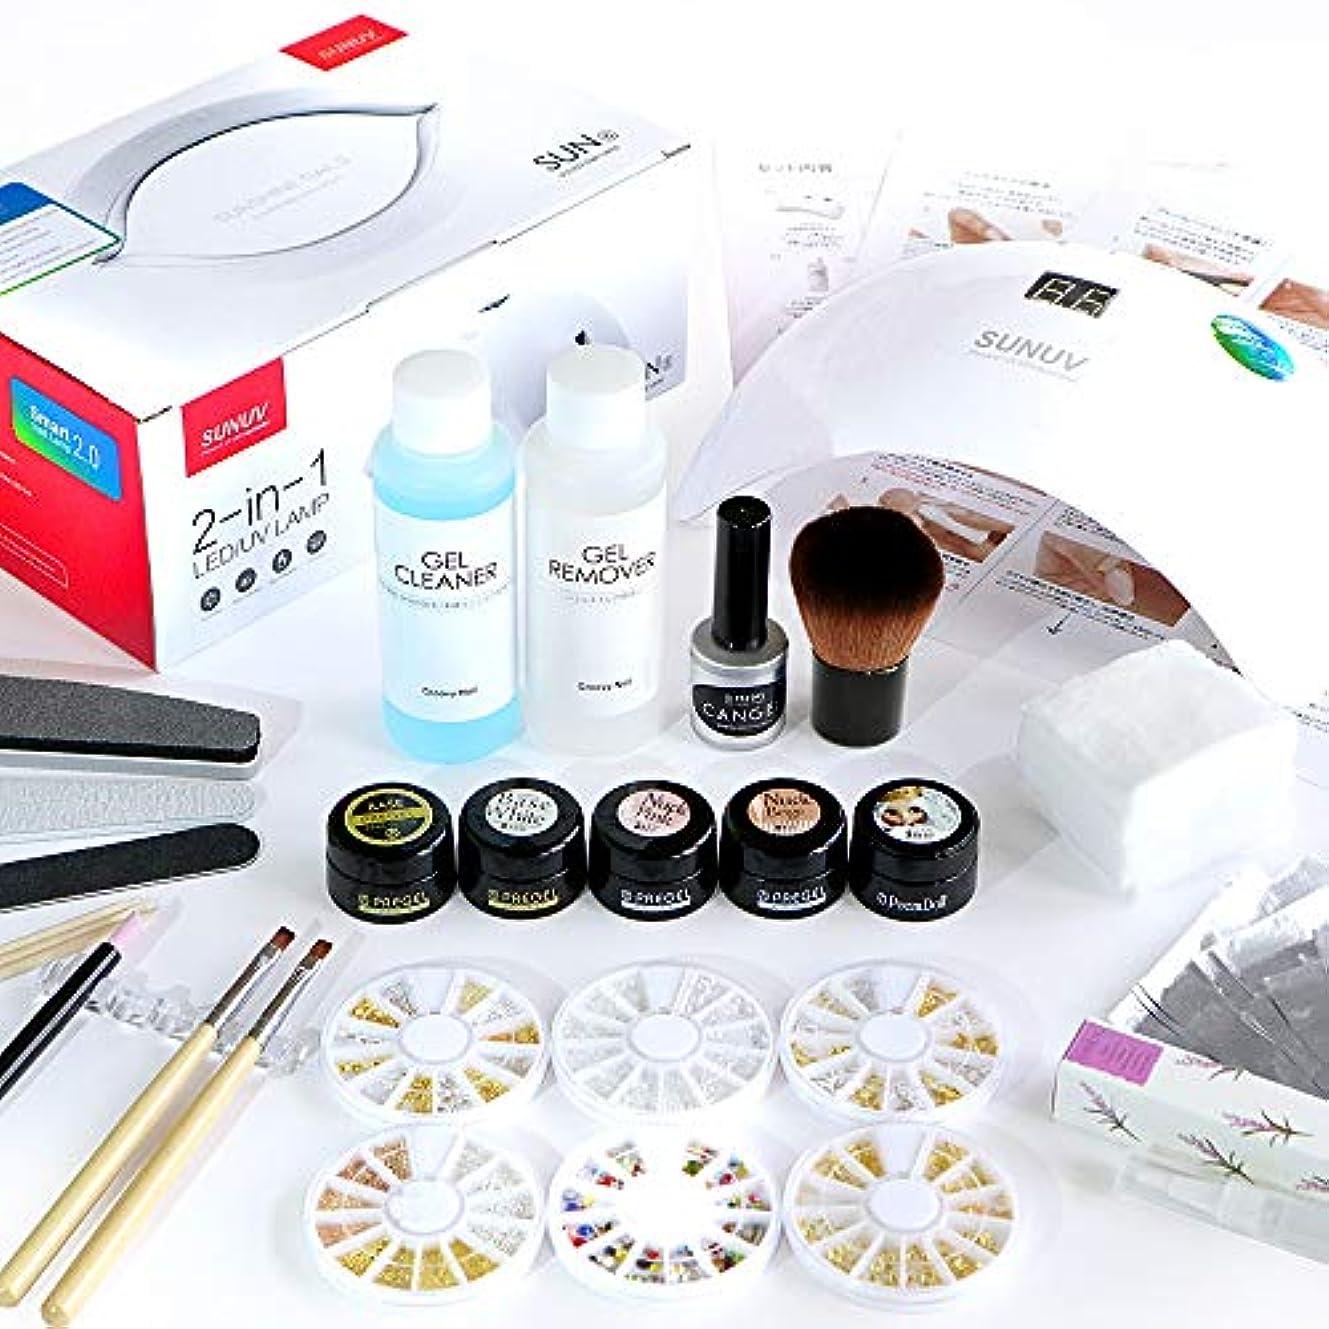 アトラスシットコム観察PREGEL プリジェル ジェルネイル スターターキット 日本製カラージェル4色+LEDライト48W ネイルアート 初心者におすすめ